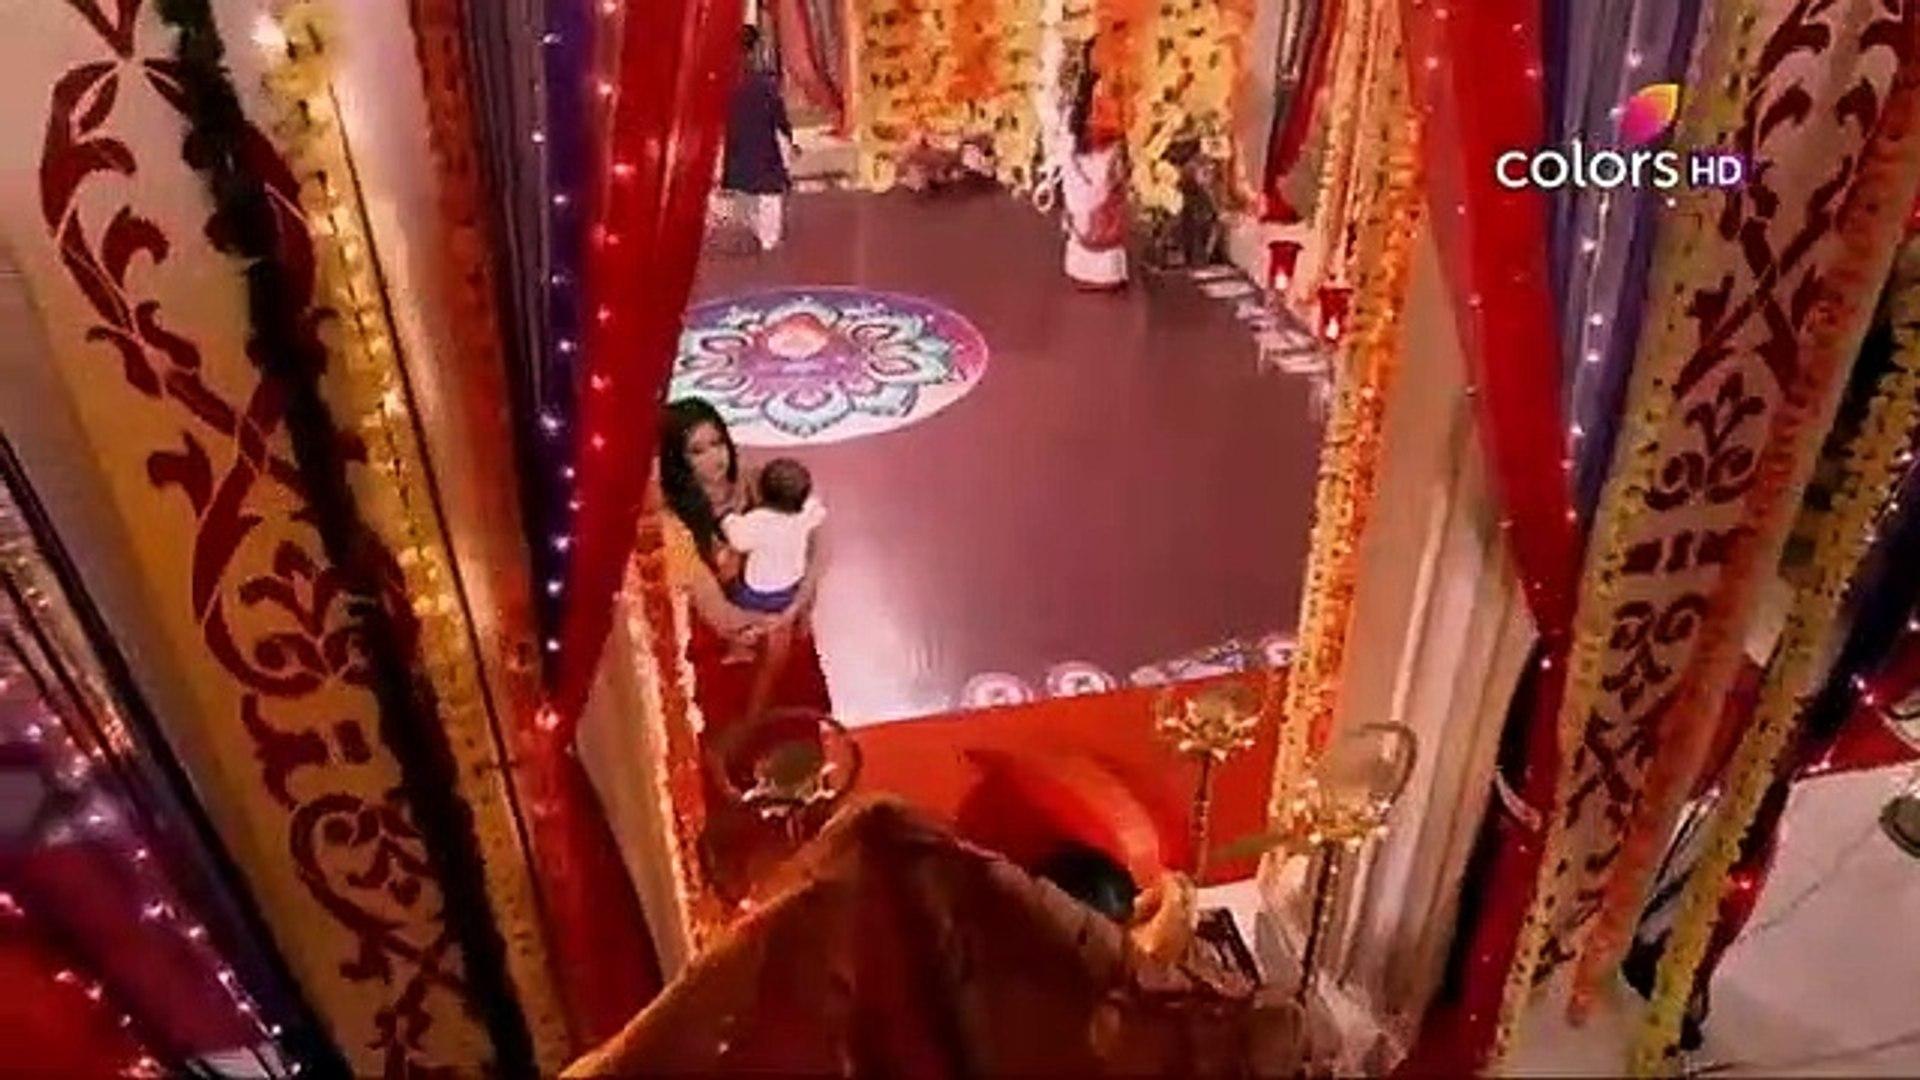 Tình Yêu Và Thù Hận Tập 230 - Bản Chuẩn - Phim Ấn Độ THVL1 Lồng Tiếng - phim tinh yeu va thu han tap